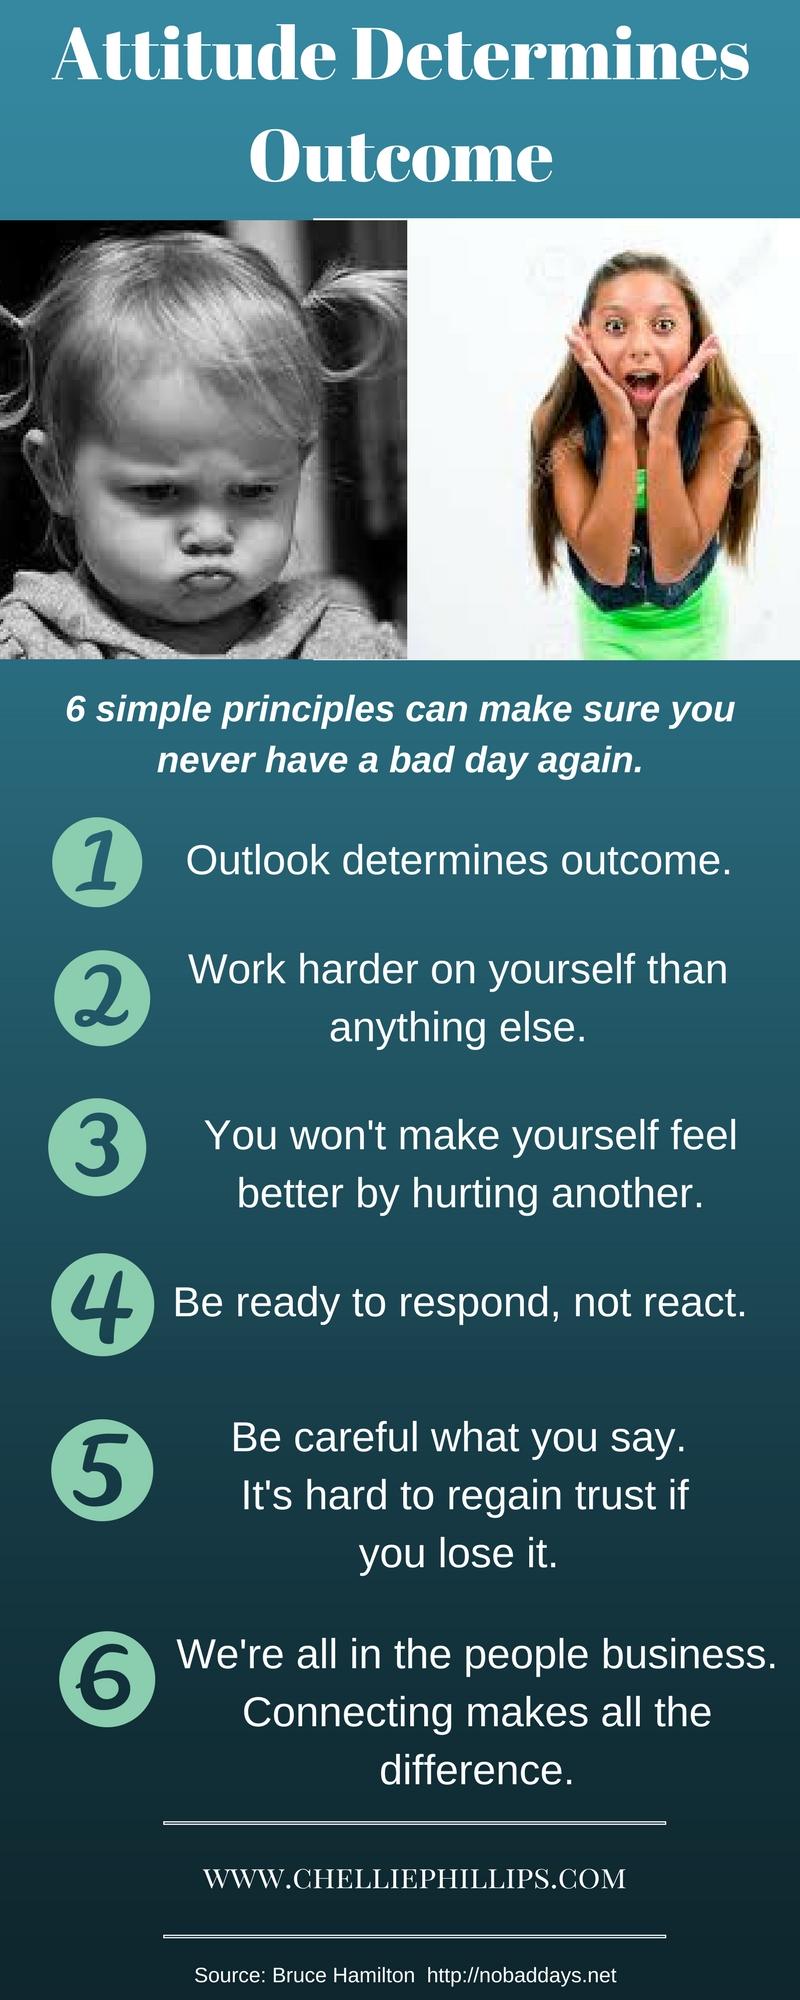 Attitude Determines Outcome